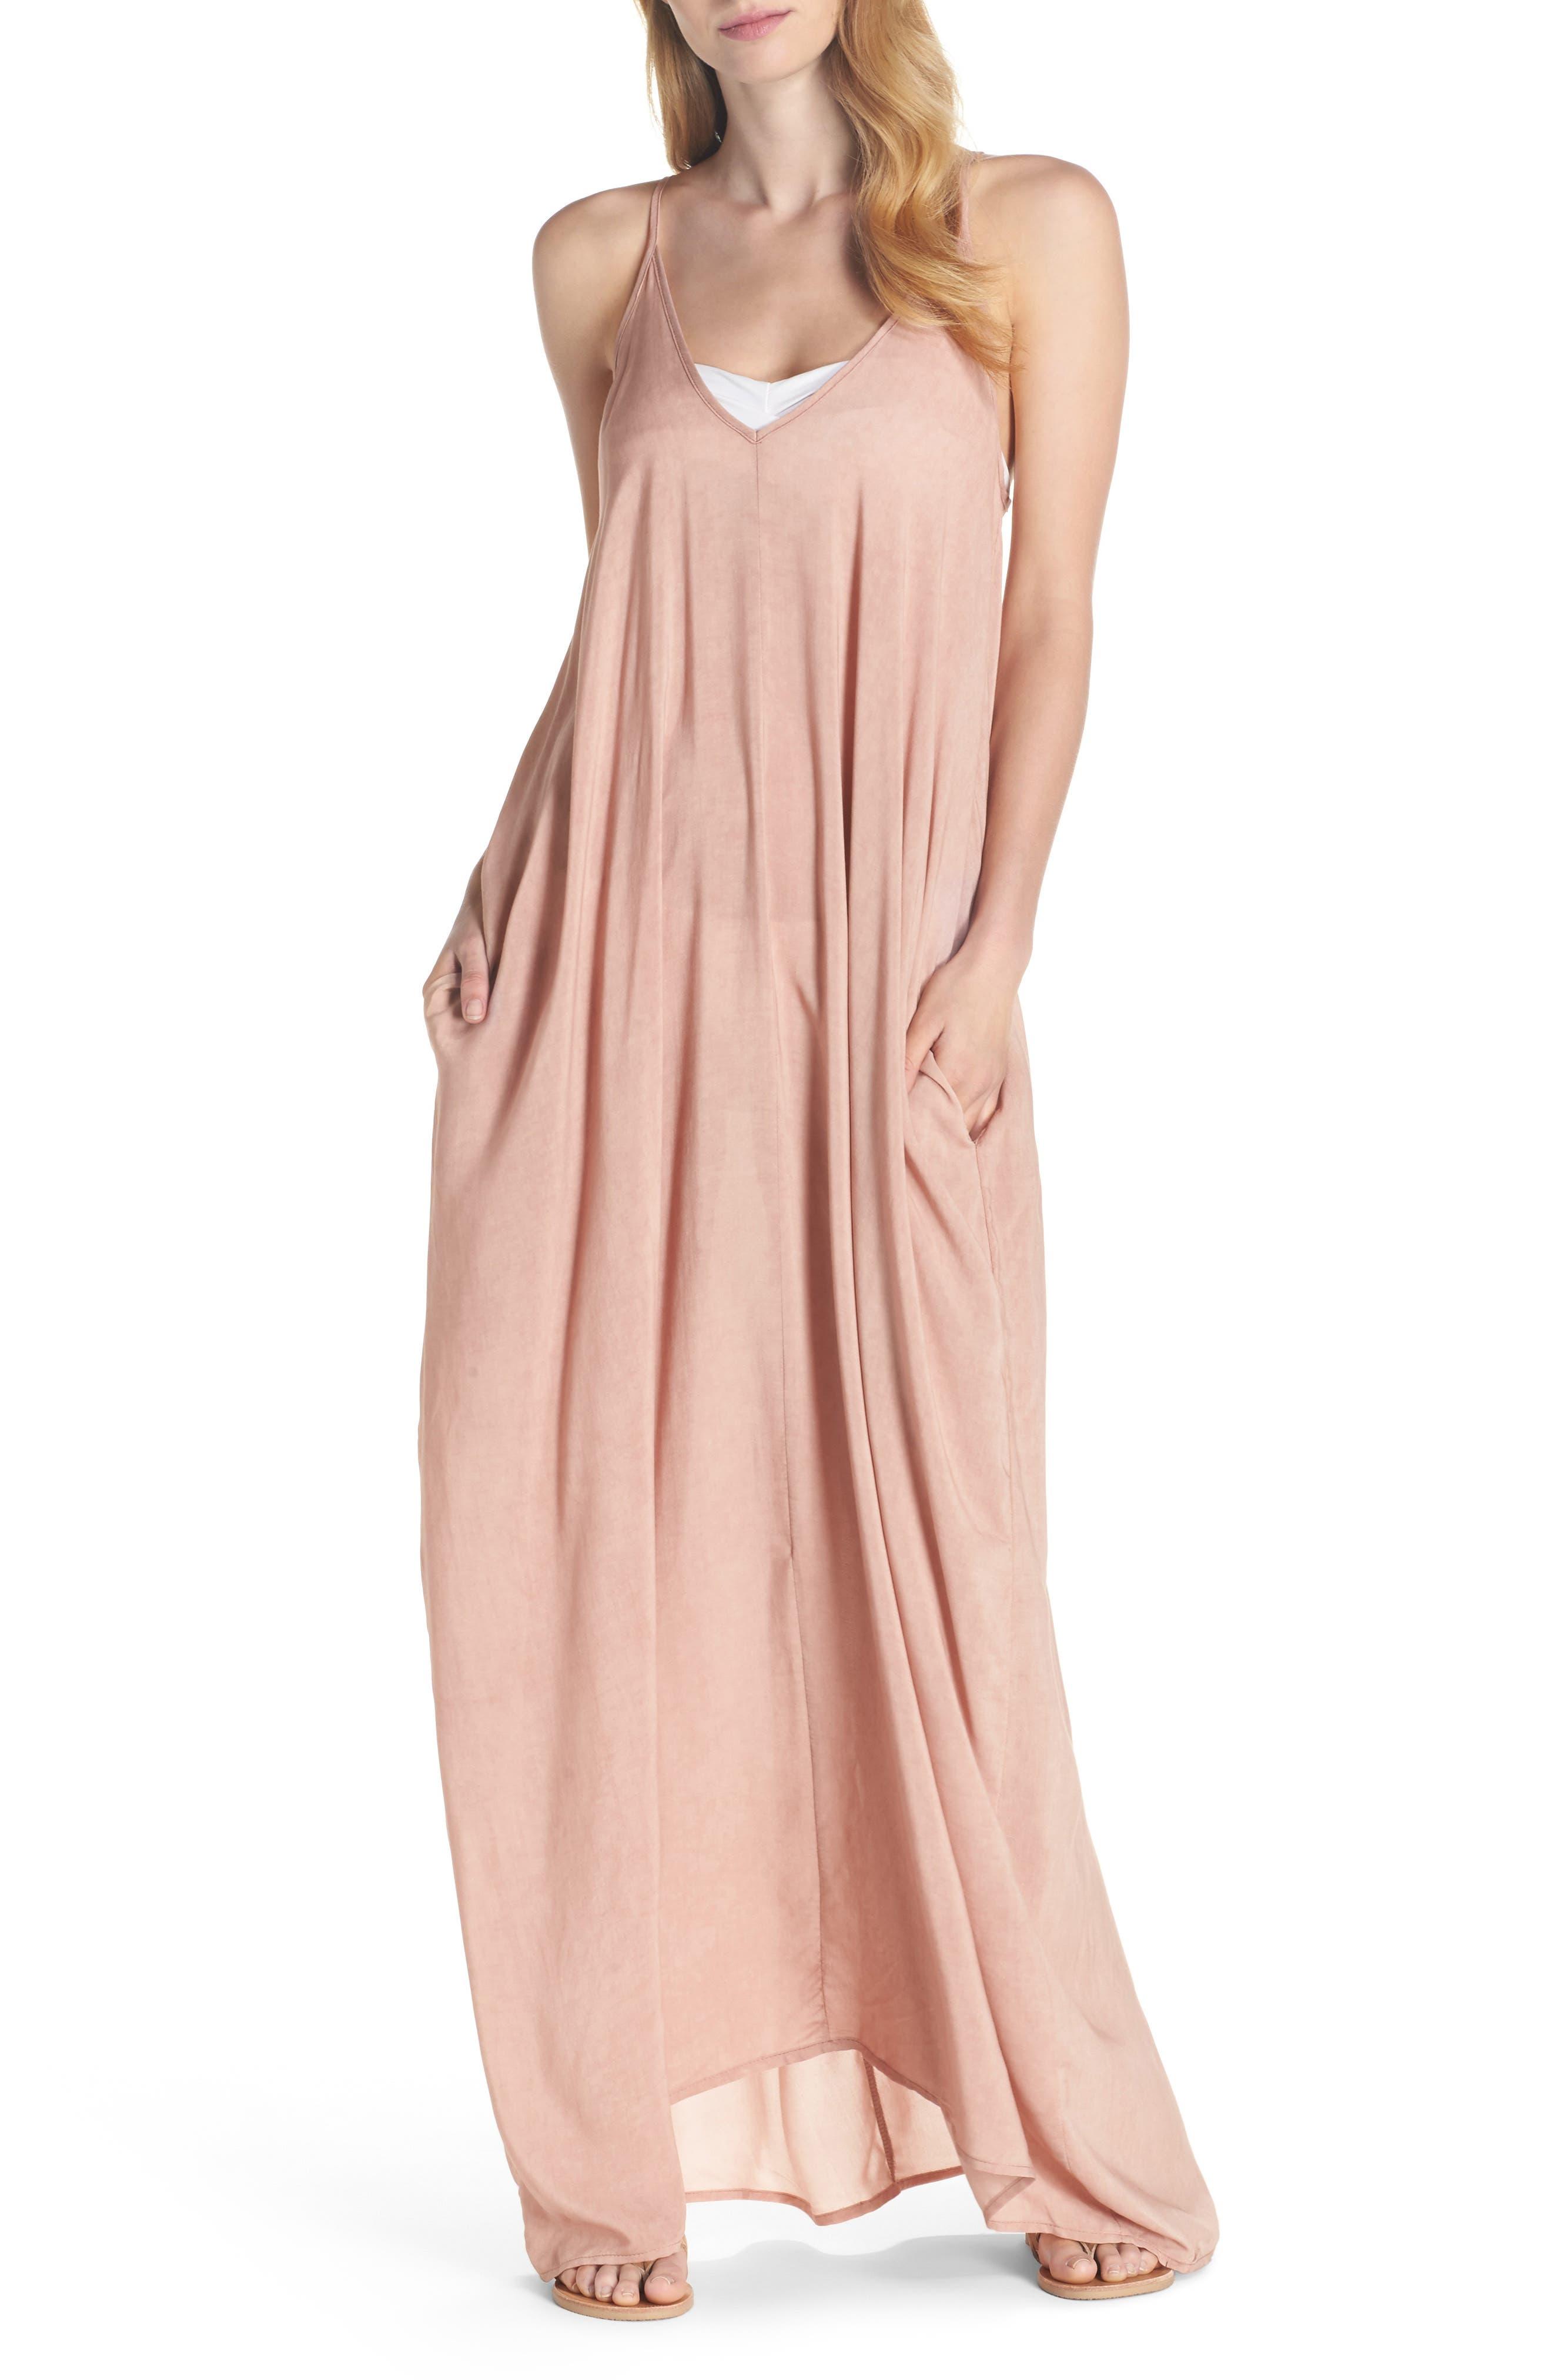 ElanV-Back Cover-Up Maxi Dress